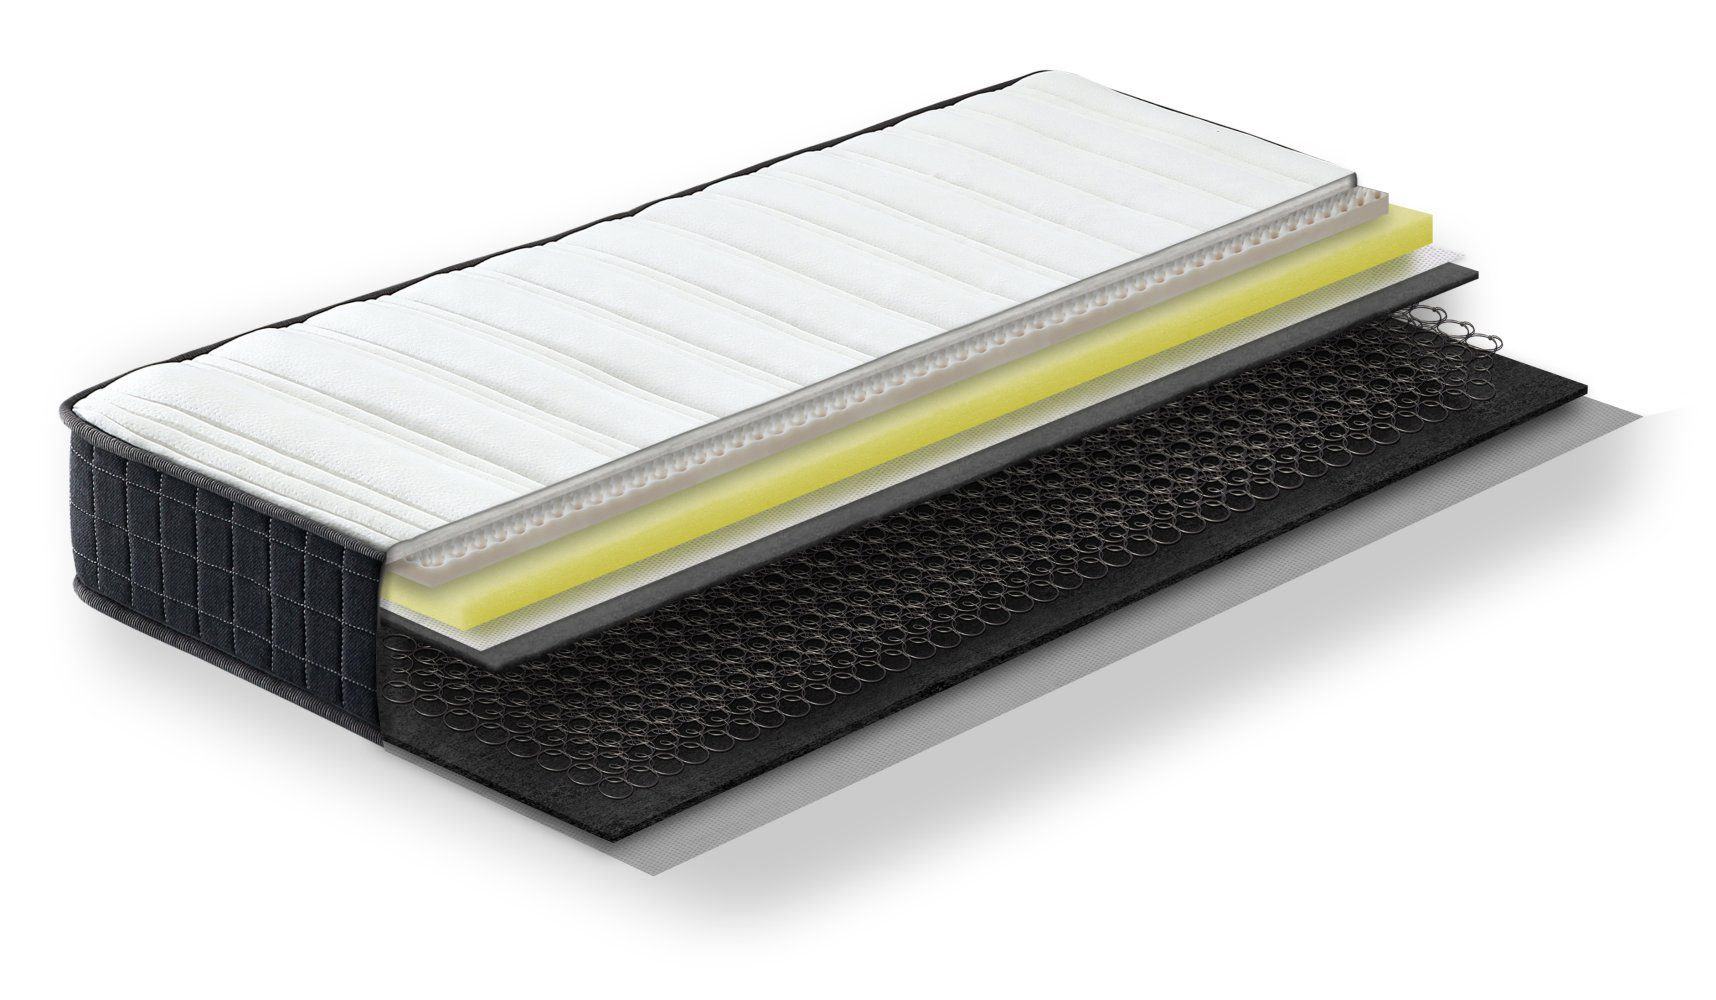 Steiner Premium Matratze Dream mit Bonellfederkern - Größe: 120 x 200 cm, Härtegrad H2-H3, Höhe: 20 cm